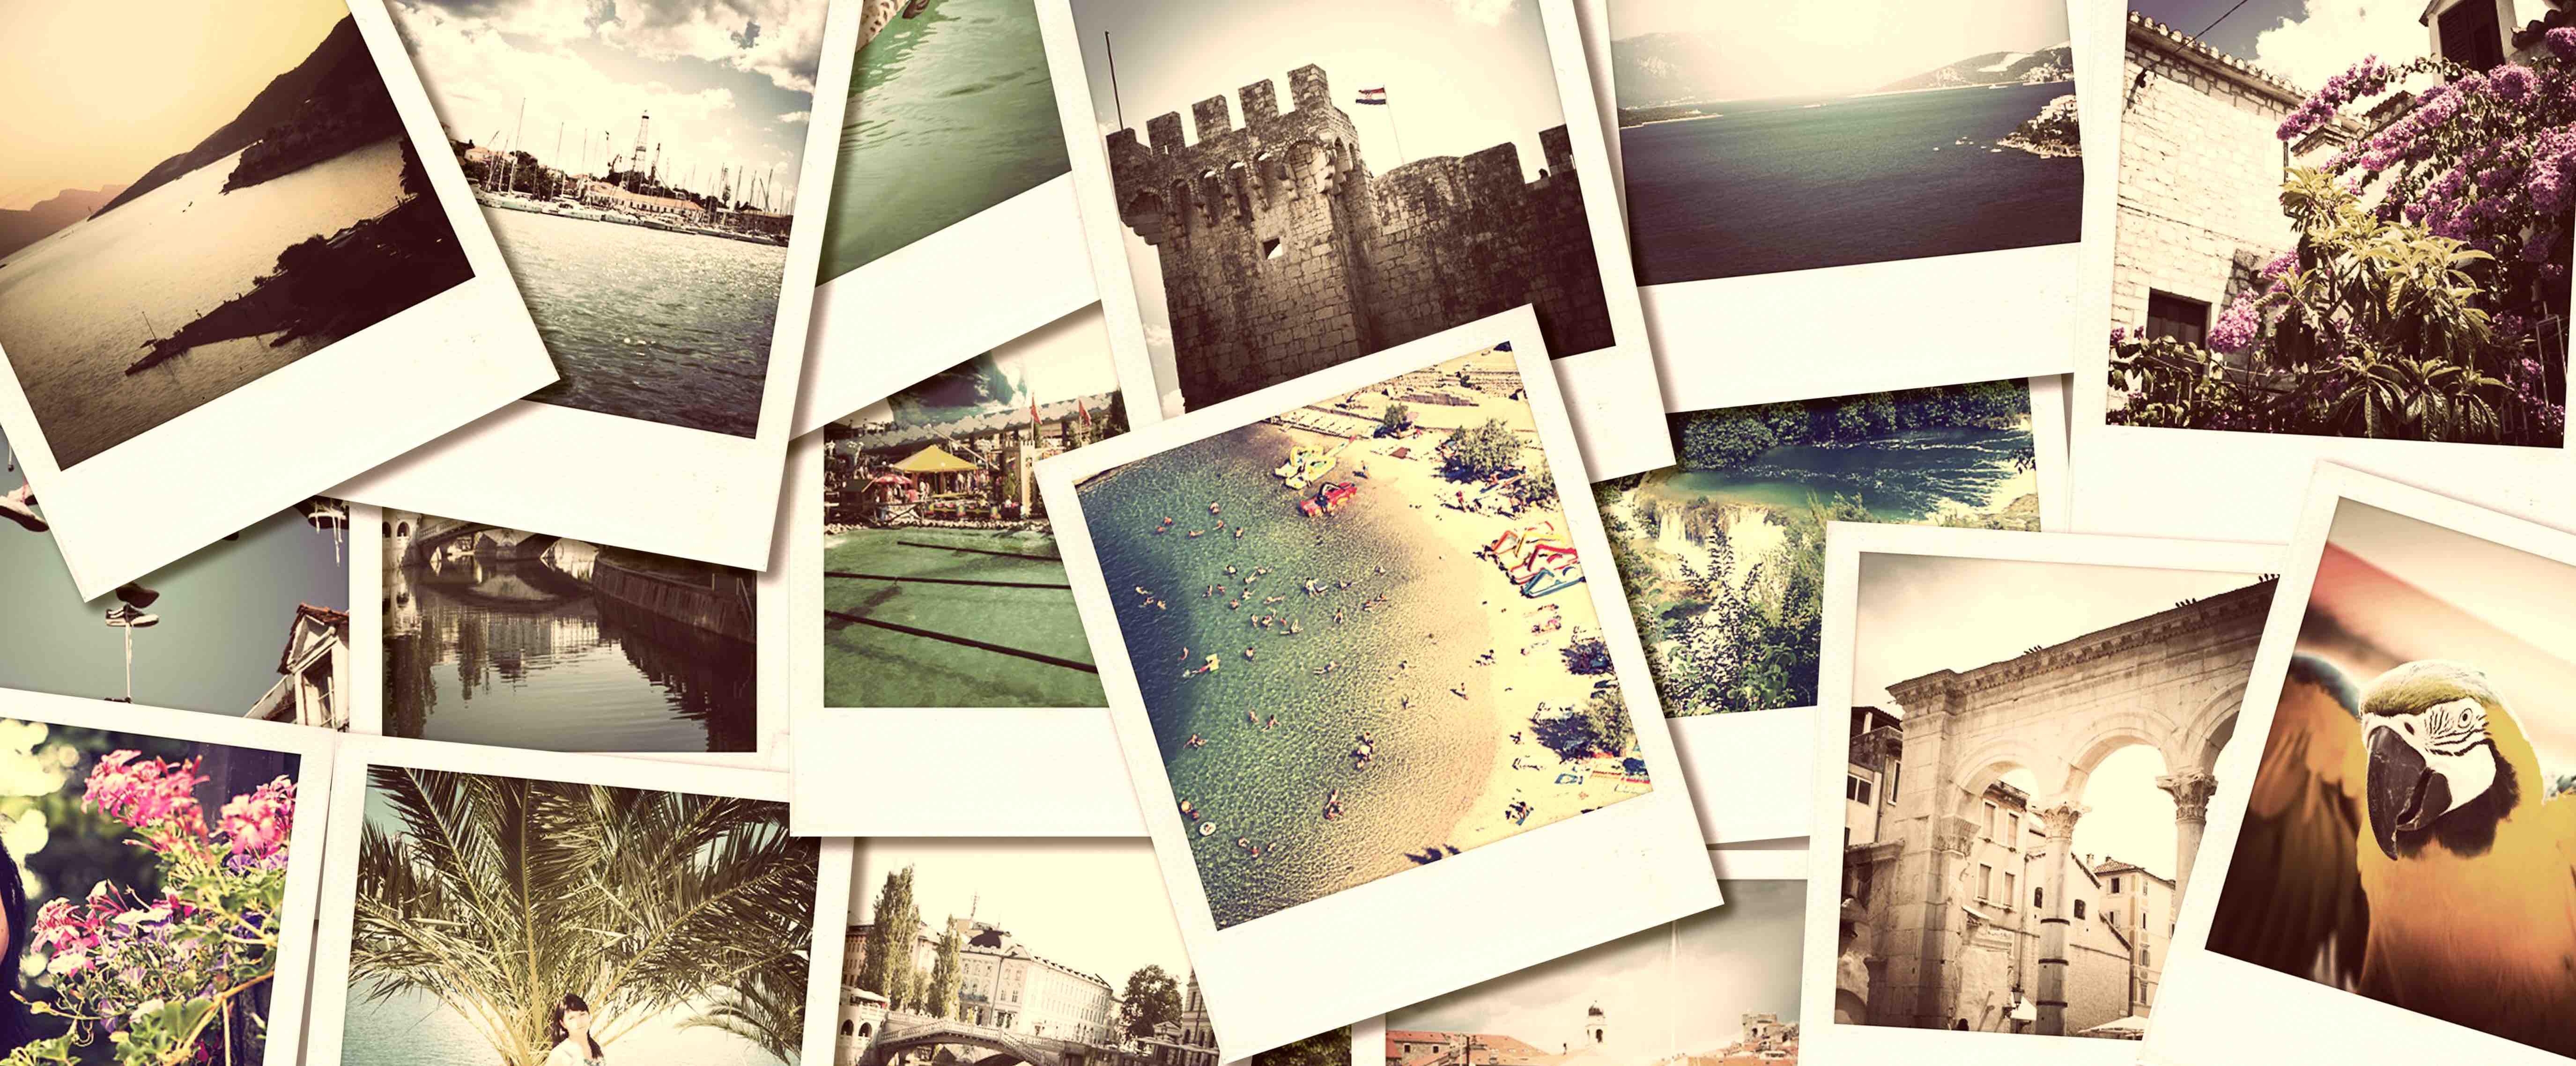 SEO für Bilder